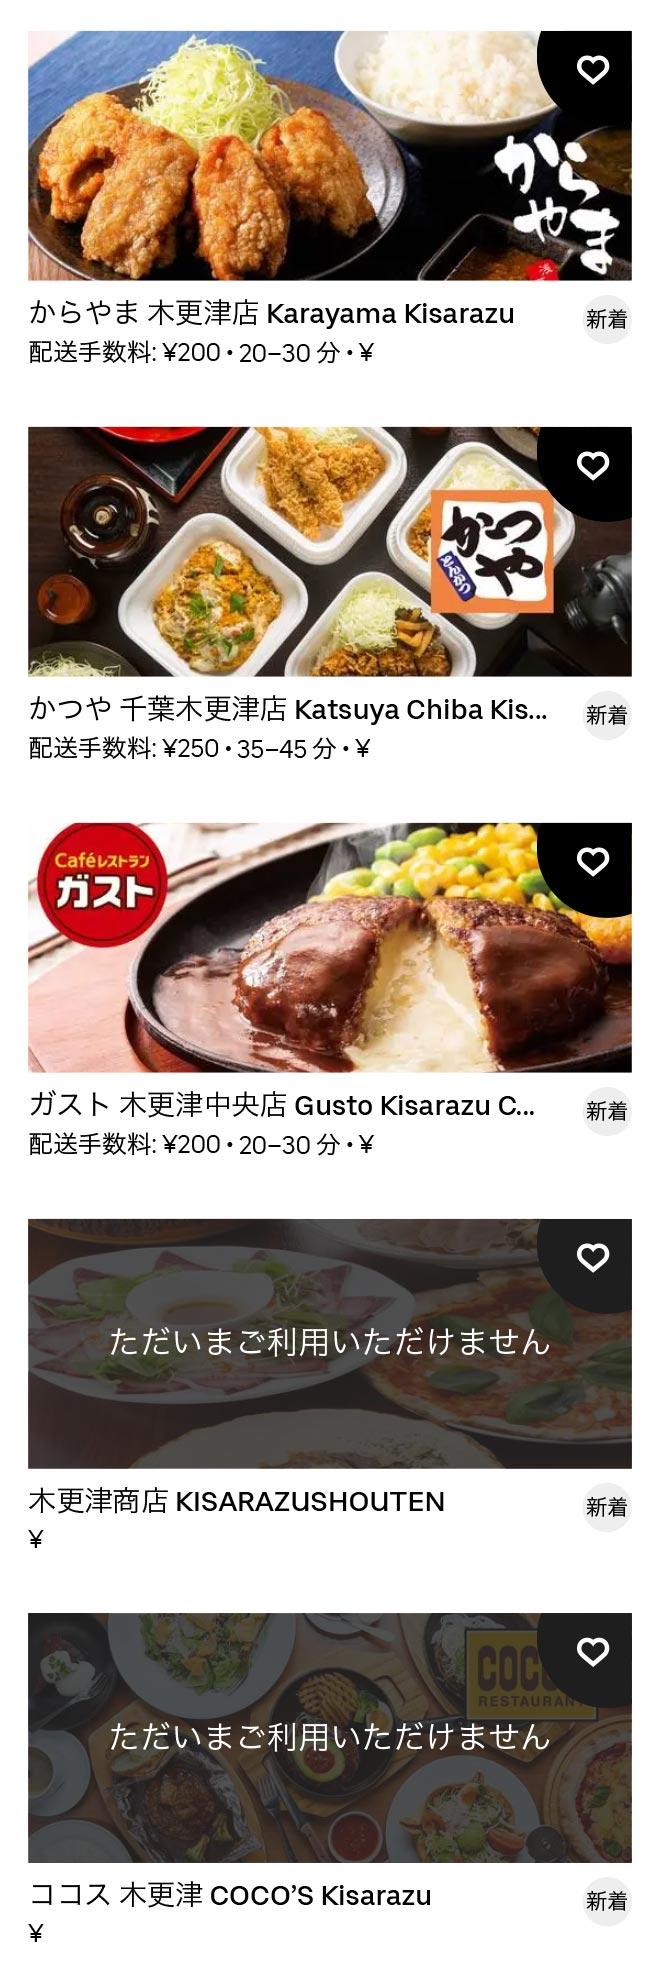 Kisarazu menu 2011 4